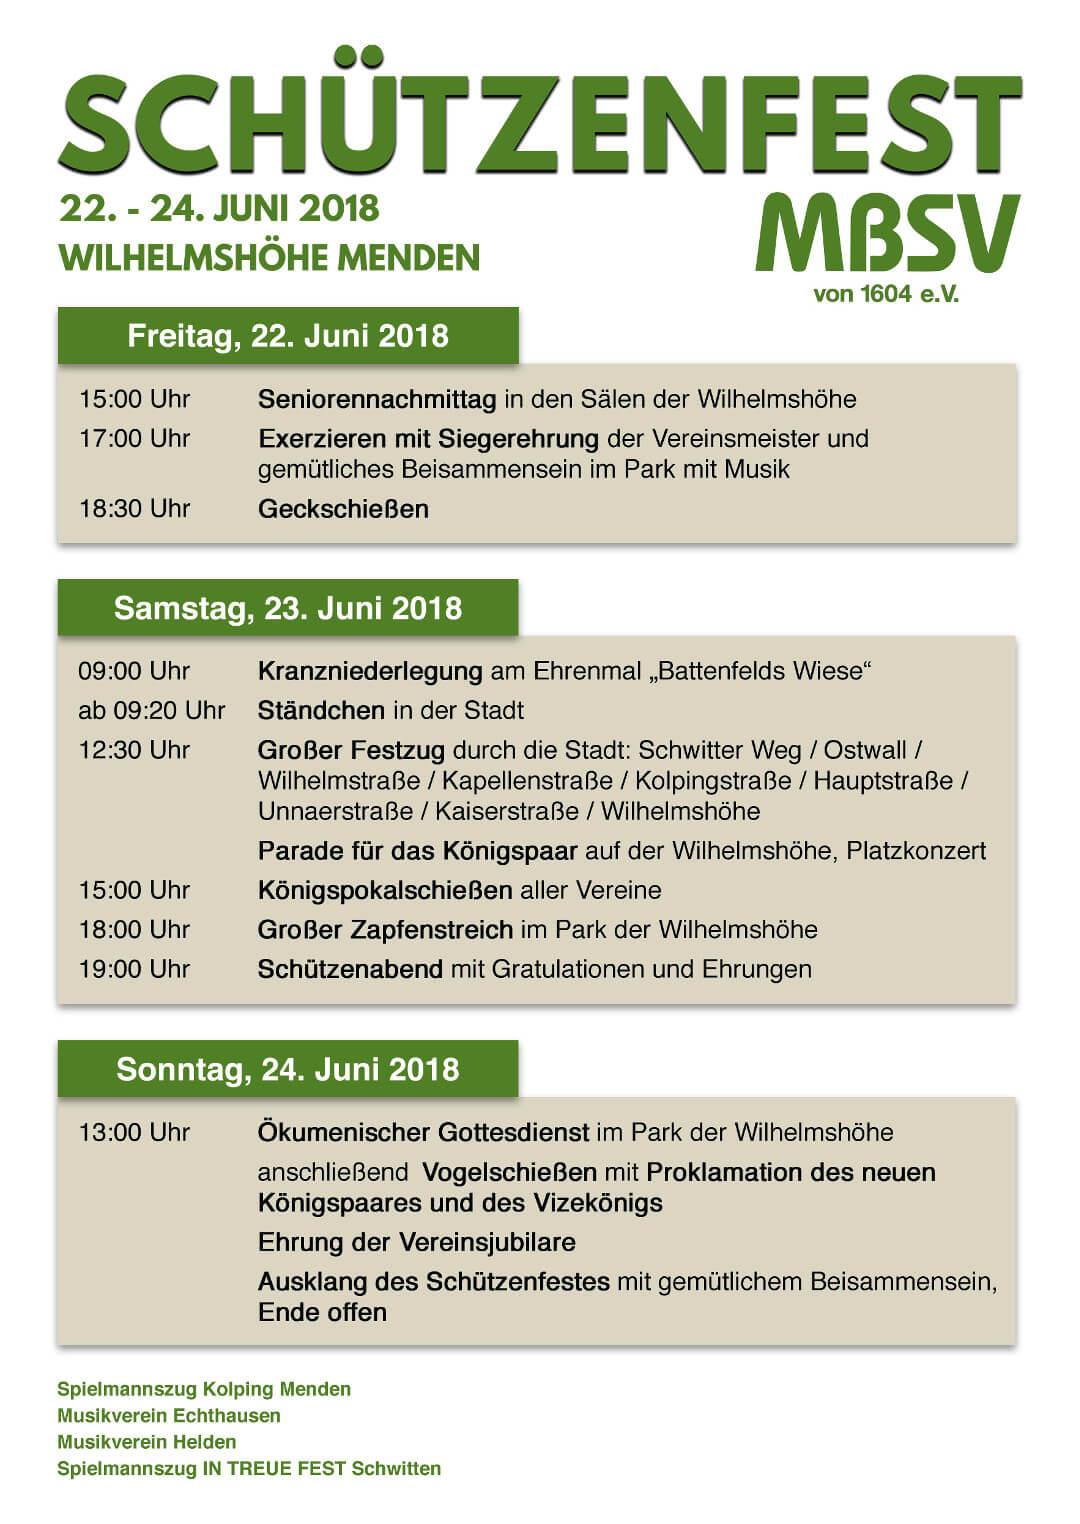 Plakat Schützenfest 2018 MBSV 1604